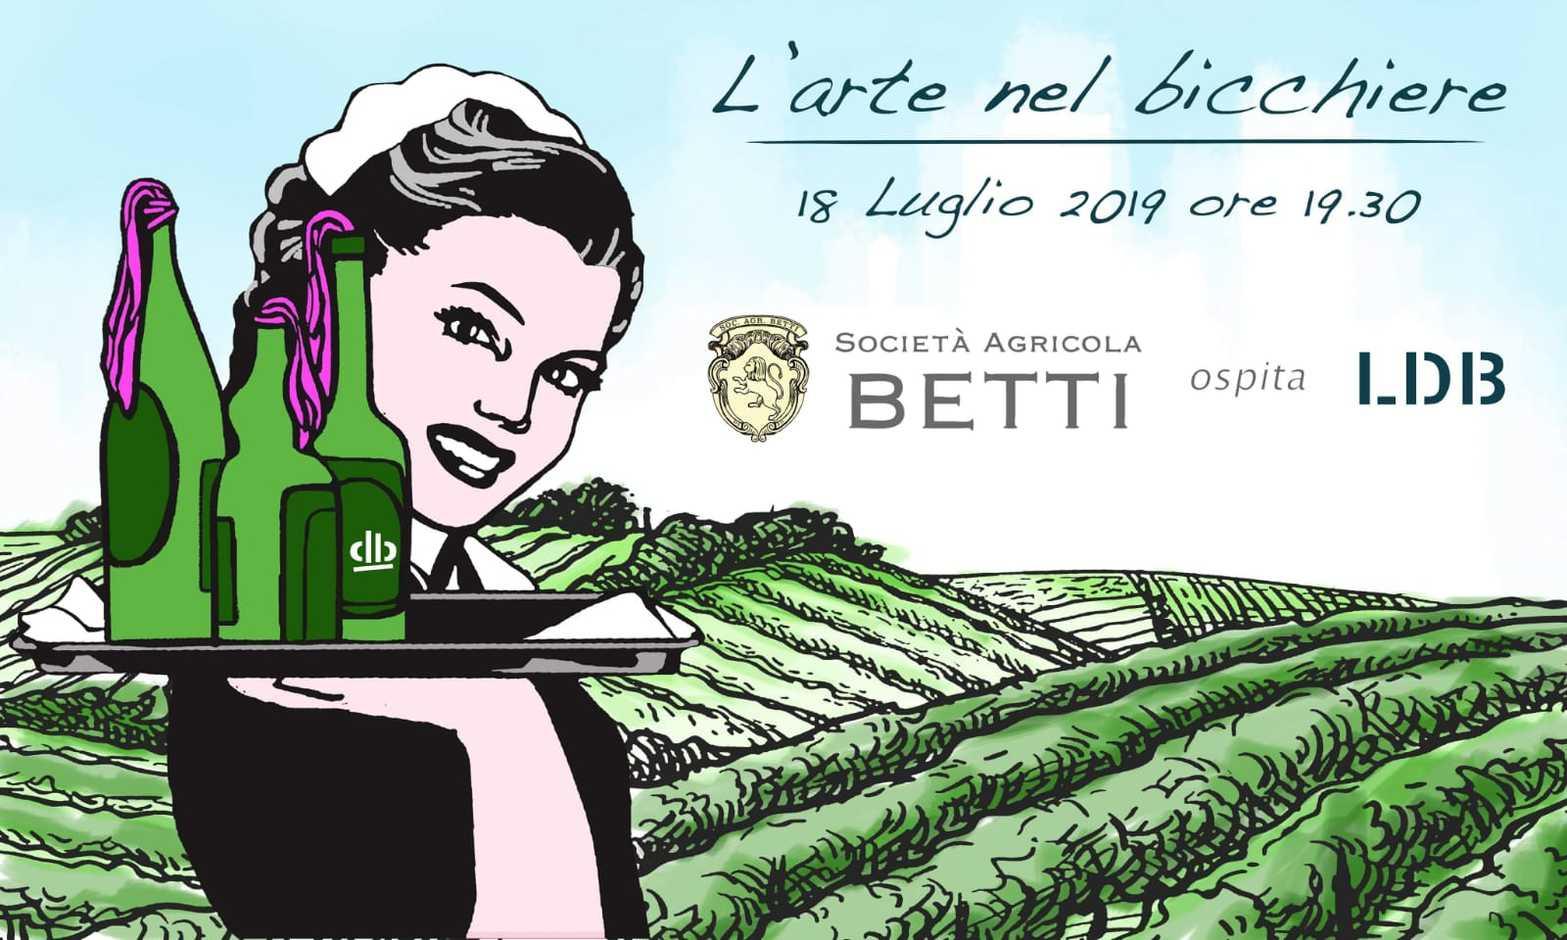 """FATTORIA BETTI ospita l'artista LDB:  un incontro tra eccellenze pistoiesi all'insegna di vino ed arte   Fattoria Betti, cantina con 20 ettari di vigneto ubicata a Quarrata, nella provincia di Pistoia, continua il suo percorso di profonda connessione con il mondo dell'arte, e stavolta lo fa insieme al noto stencil artist pistoiese LDB.  Questo mese si profila infatti piuttosto vivace per l'azienda vinicola fondata nel 2003 e guidata dai fratelli Guido e Gherardo Betti, dato che il prossimo Giovedì 18 Luglio verrà inaugurata nella tenuta una personale di LDB: l'appuntamento è fissato alle 19.30 in cantina, quando il pubblico potrà finalmente scoprire le opere. La presentazione sarà accompagnata da un aperitivo curato dai sommelier della Delegazione Fisar Pistoia, che serviranno uno dei vini bianchi della gamma, Bianco di Toscana IGT CRETO DE' BETTI 2018, insieme alle creazioni gastronomiche dei personal Chef di """"The Dinner"""".  Tutto avrò lo speciale costo di euro 15,00.  LDB è nato a Pistoia e il genere di graffiti art noto come stencil art ha per lui rappresentato fin dalla sua formazione primaria - avvenuta nella città natale - la principale forma di espressione. Si tratta di una tecnica in cui i graffiti vengono realizzati attraverso uno stencil, maschera normografica da cui è diffusa la vernice spray: in questo modo è possibile riprodurre una stessa identica immagine in un illimitato numero di copie. LDB ha sempre considerato questo procedimento non solo in senso decorativo, ma come uno strumento espressivo che gli ha consentito di intervenire nella città integrandosi con gli scenari urbani ed esaltandoli. Negli ultimi anni è poi giunta la meritata consacrazione, quando la sua opera Batman.2 è stata inserita nella più importante piattaforma multi-channel mondiale del settore, """"Global Street Art"""".   FATTORIA BETTI Via Boschetti e Campano, 66 - 51039 Quarrata (PT) ITALIA  info@fattoriabetti.it - IG@fattoriabetti - www.fattoriabetti.it Come anticipato, per celebrare """